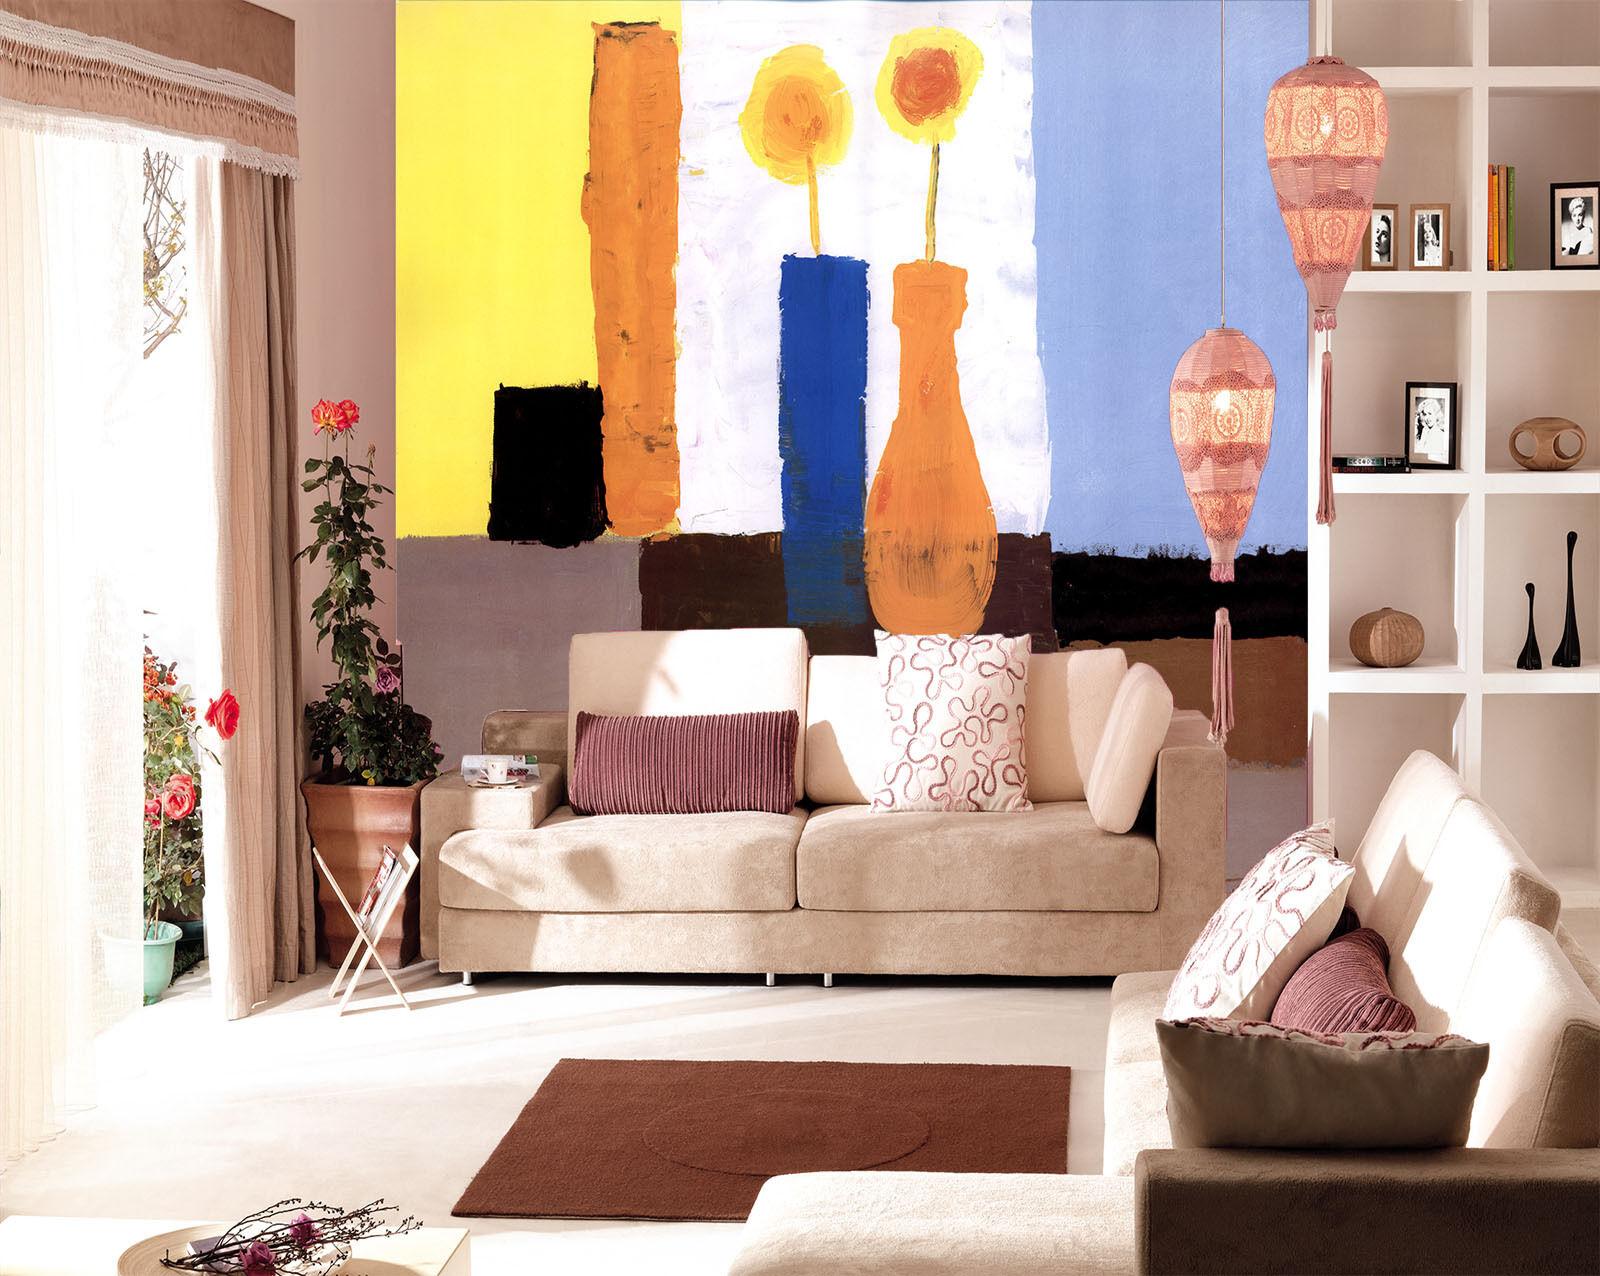 3D Graffiti Farbe Vase Flowers Wall Paper Wall Print Decal Wall AJ WALLPAPER CA